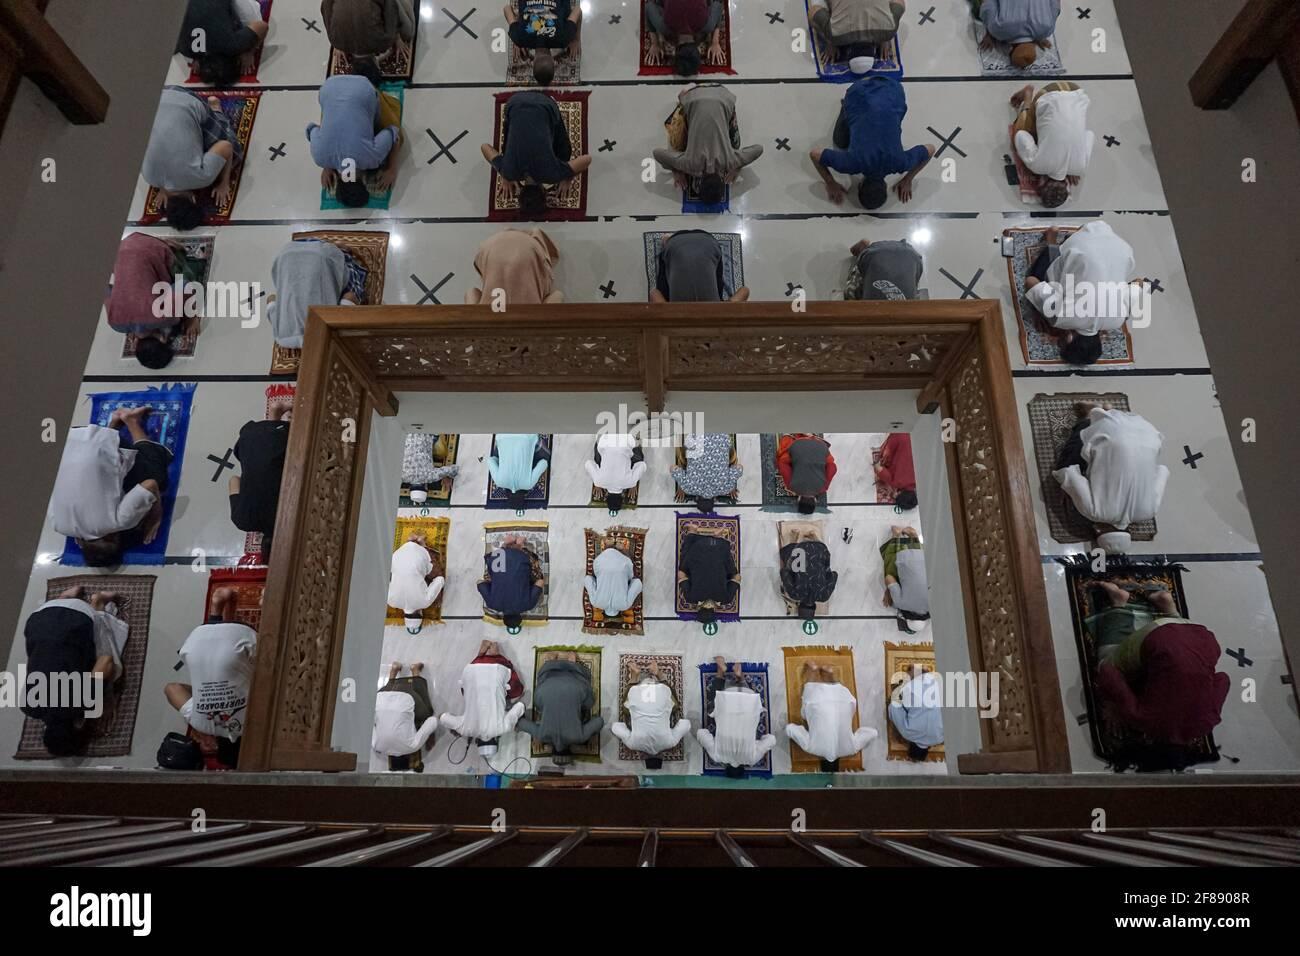 Badung, Bali, Indonesia. 12th de Abr de 2021. La gente estableció líneas distanciadas debido al protocolo de salud Covid-19 durante las oraciones. Los musulmanes indonesios de Bali iniciarán las primeras oraciones de Tarawih en masa en la Mezquita Al Hasanah, Canggu, cuando el gobierno determinó la primera fecha del mes islámico El Ramadán cae el 12 de abril de 2021. Mañana, 13 de abril de 2021, los musulmanes comenzarán el ayuno durante el mes siguiente. (Imagen de crédito: © Dicky BisinglasiZUMA Wire) Foto de stock